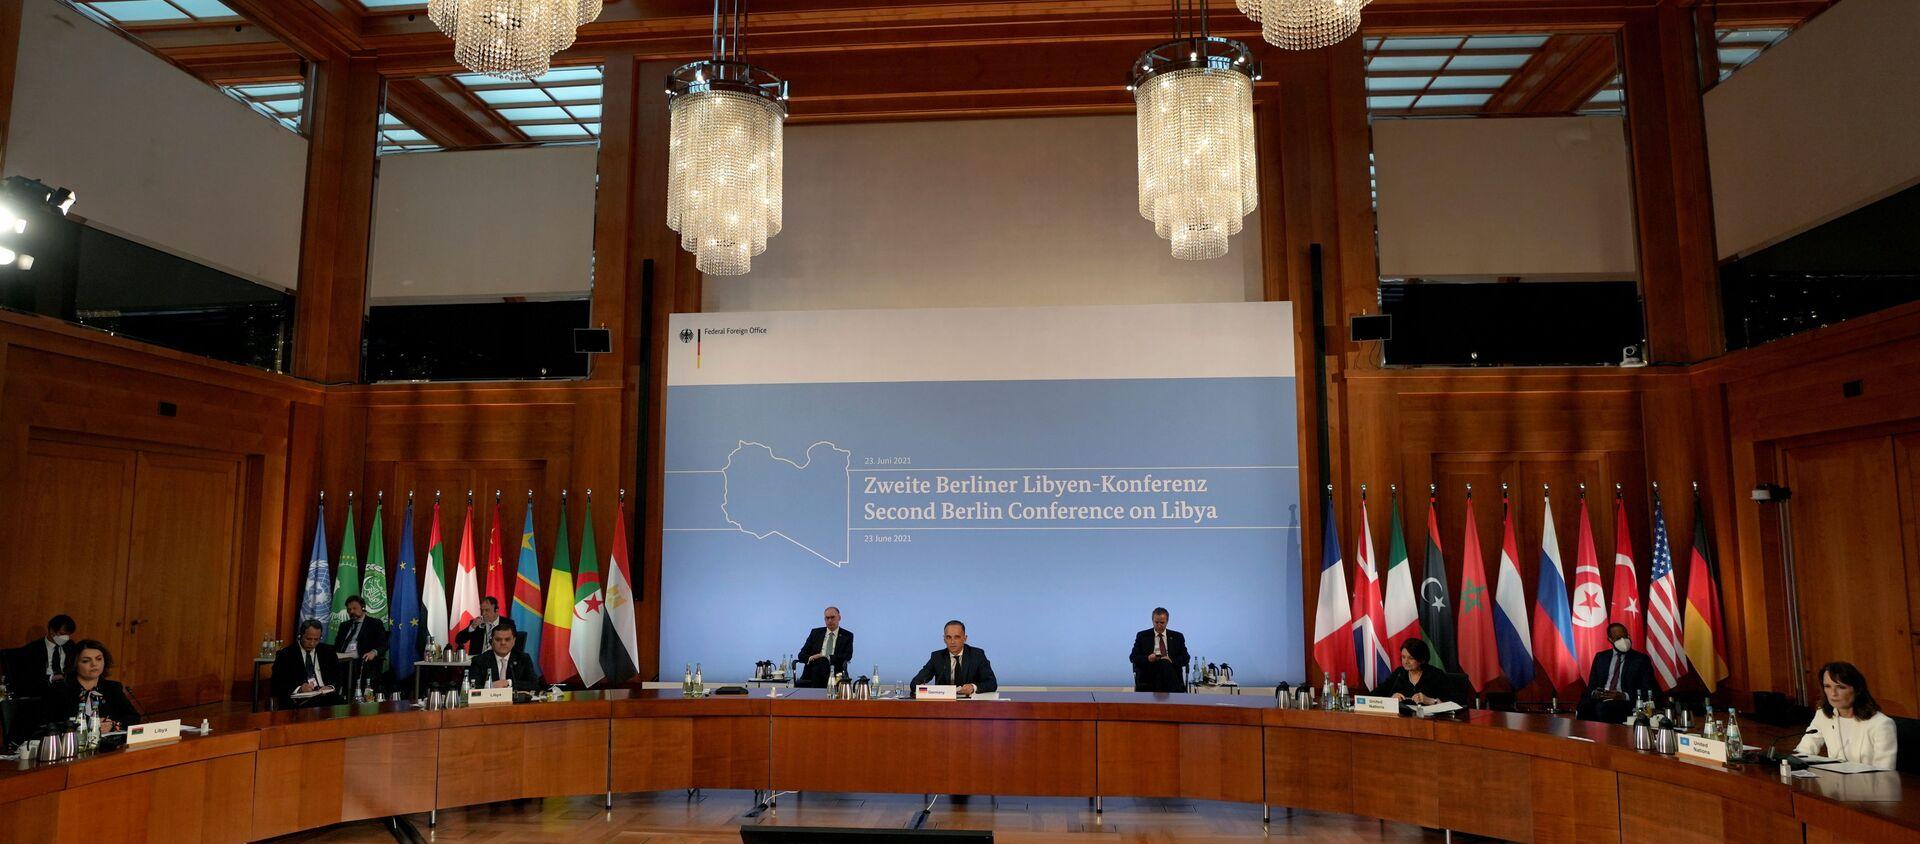 Almanya'da Libya konferansı - Sputnik Türkiye, 1920, 24.06.2021